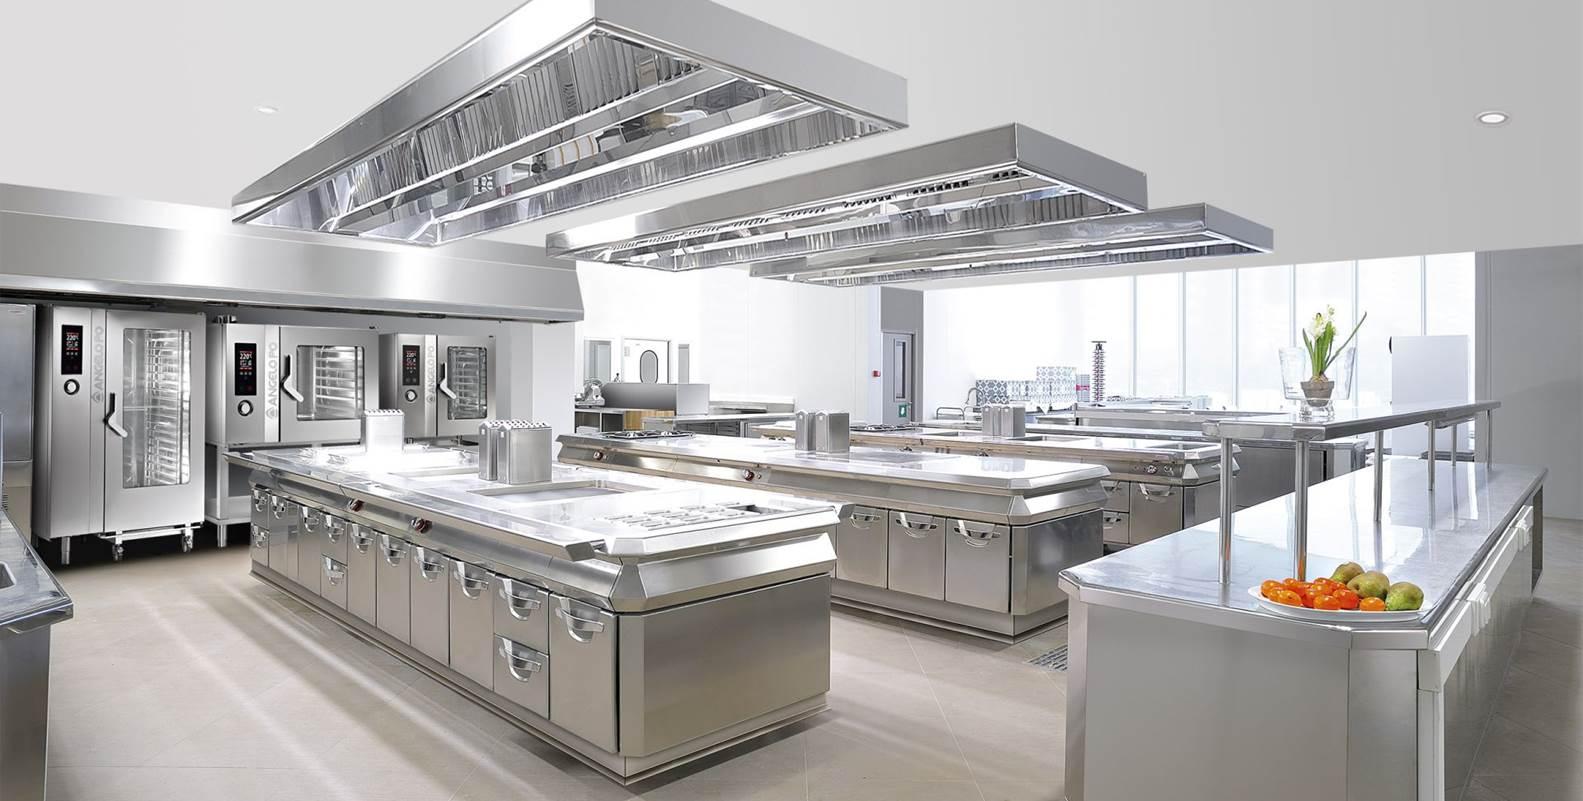 endüstriyel mutfak ile ilgili görsel sonucu